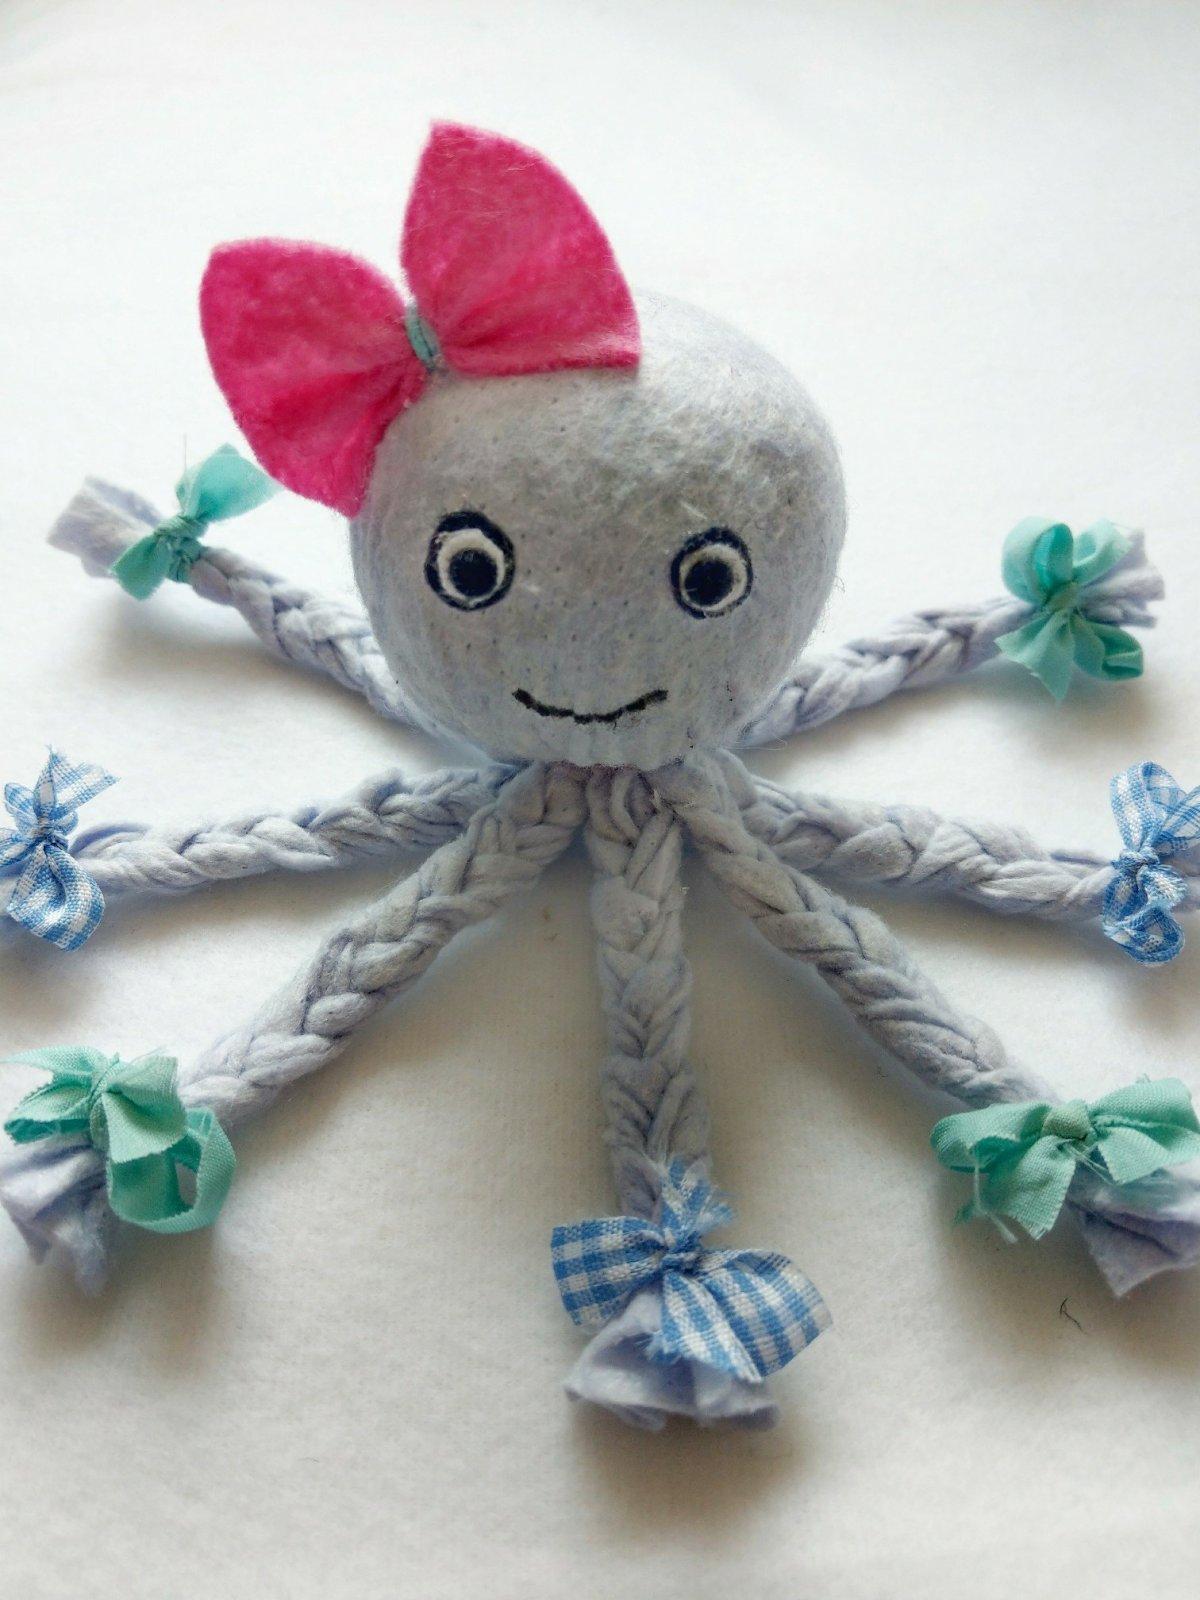 Ein süßer Octopus zum Selbermachen. Als Deko für das Badezimmer oder als Schmusetuch für das Baby. Geschenkidee ohne nähen schnell und einfach Bastelidee.